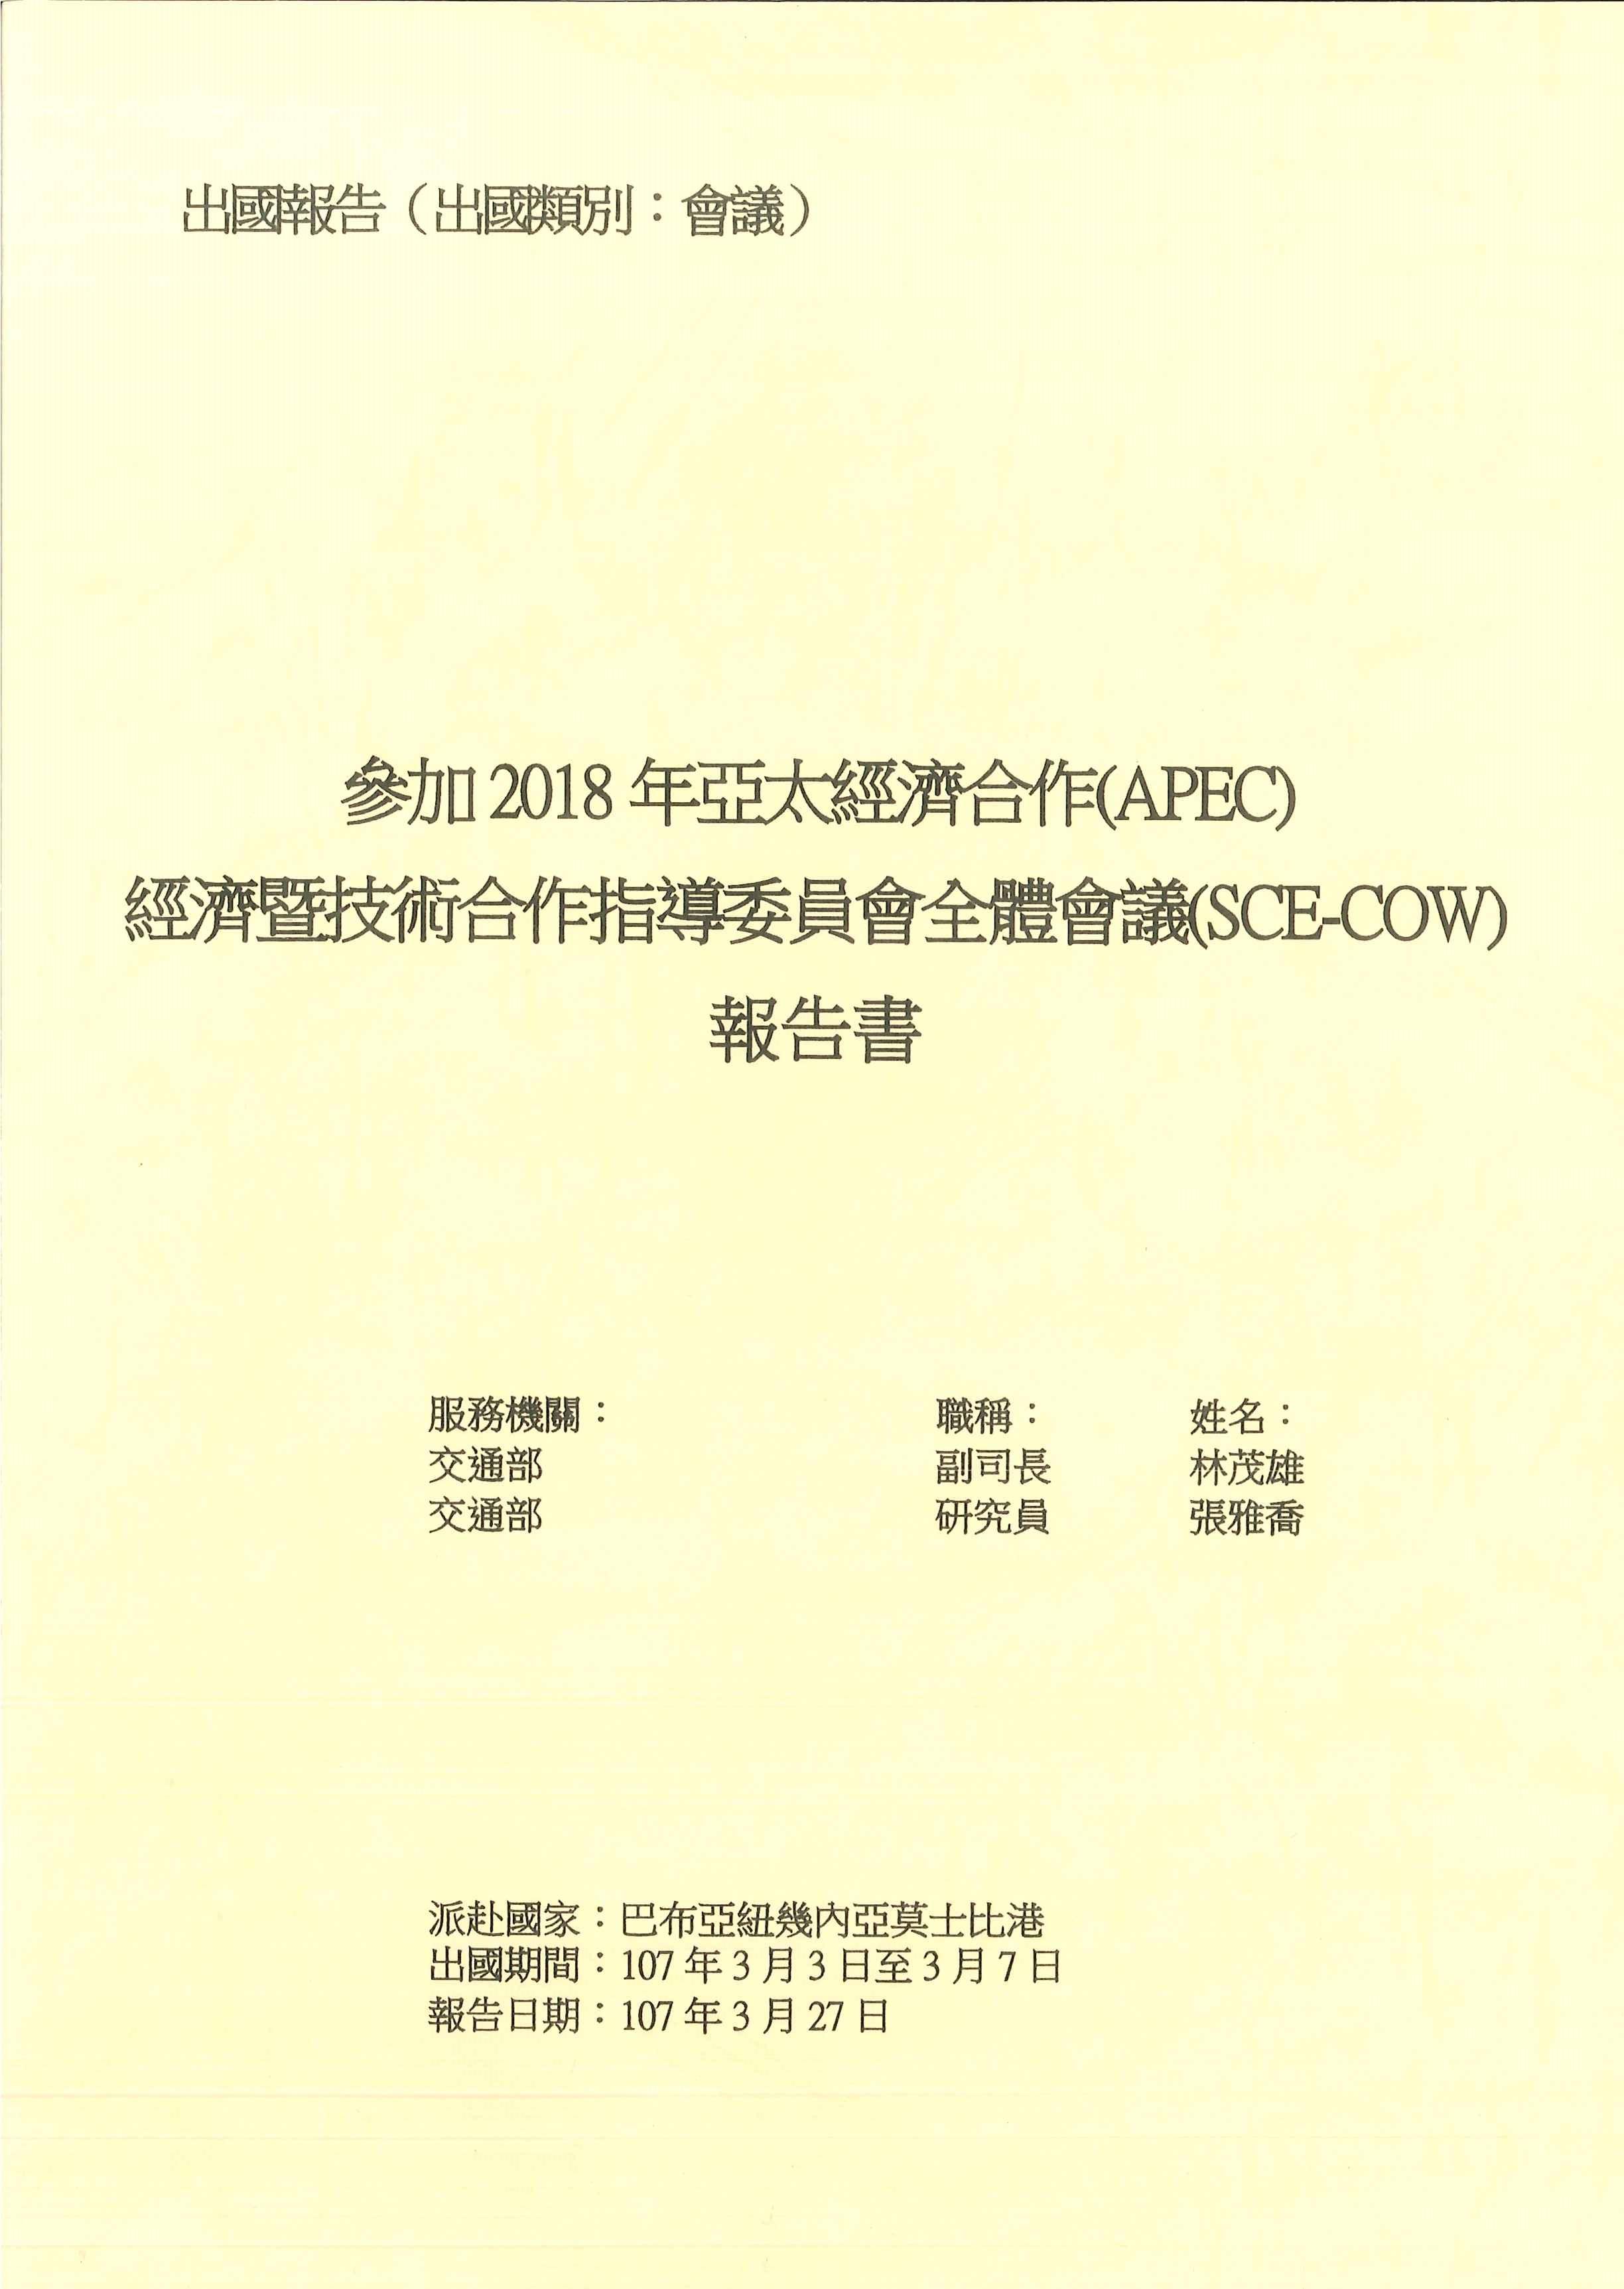 參加2018年亞太經濟合作(APEC)經濟暨技術合作指導委員會全體會議(SCE-COW)報告書